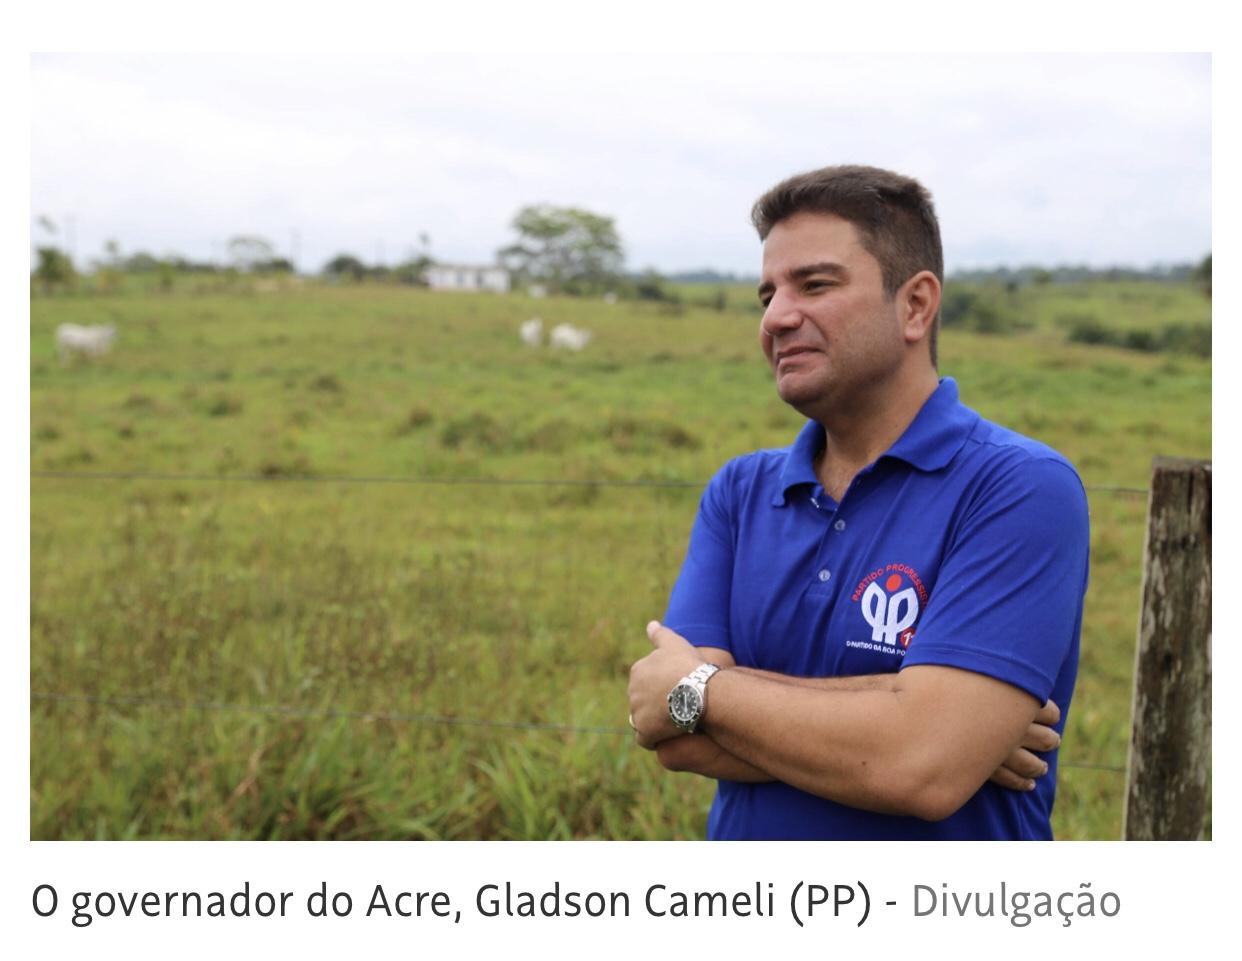 Governantes estimulam infrações e instalam anarquia ambiental no país – Ao desautorizar punições, Bolsonaro e governador incentivam o descumprimento da lei